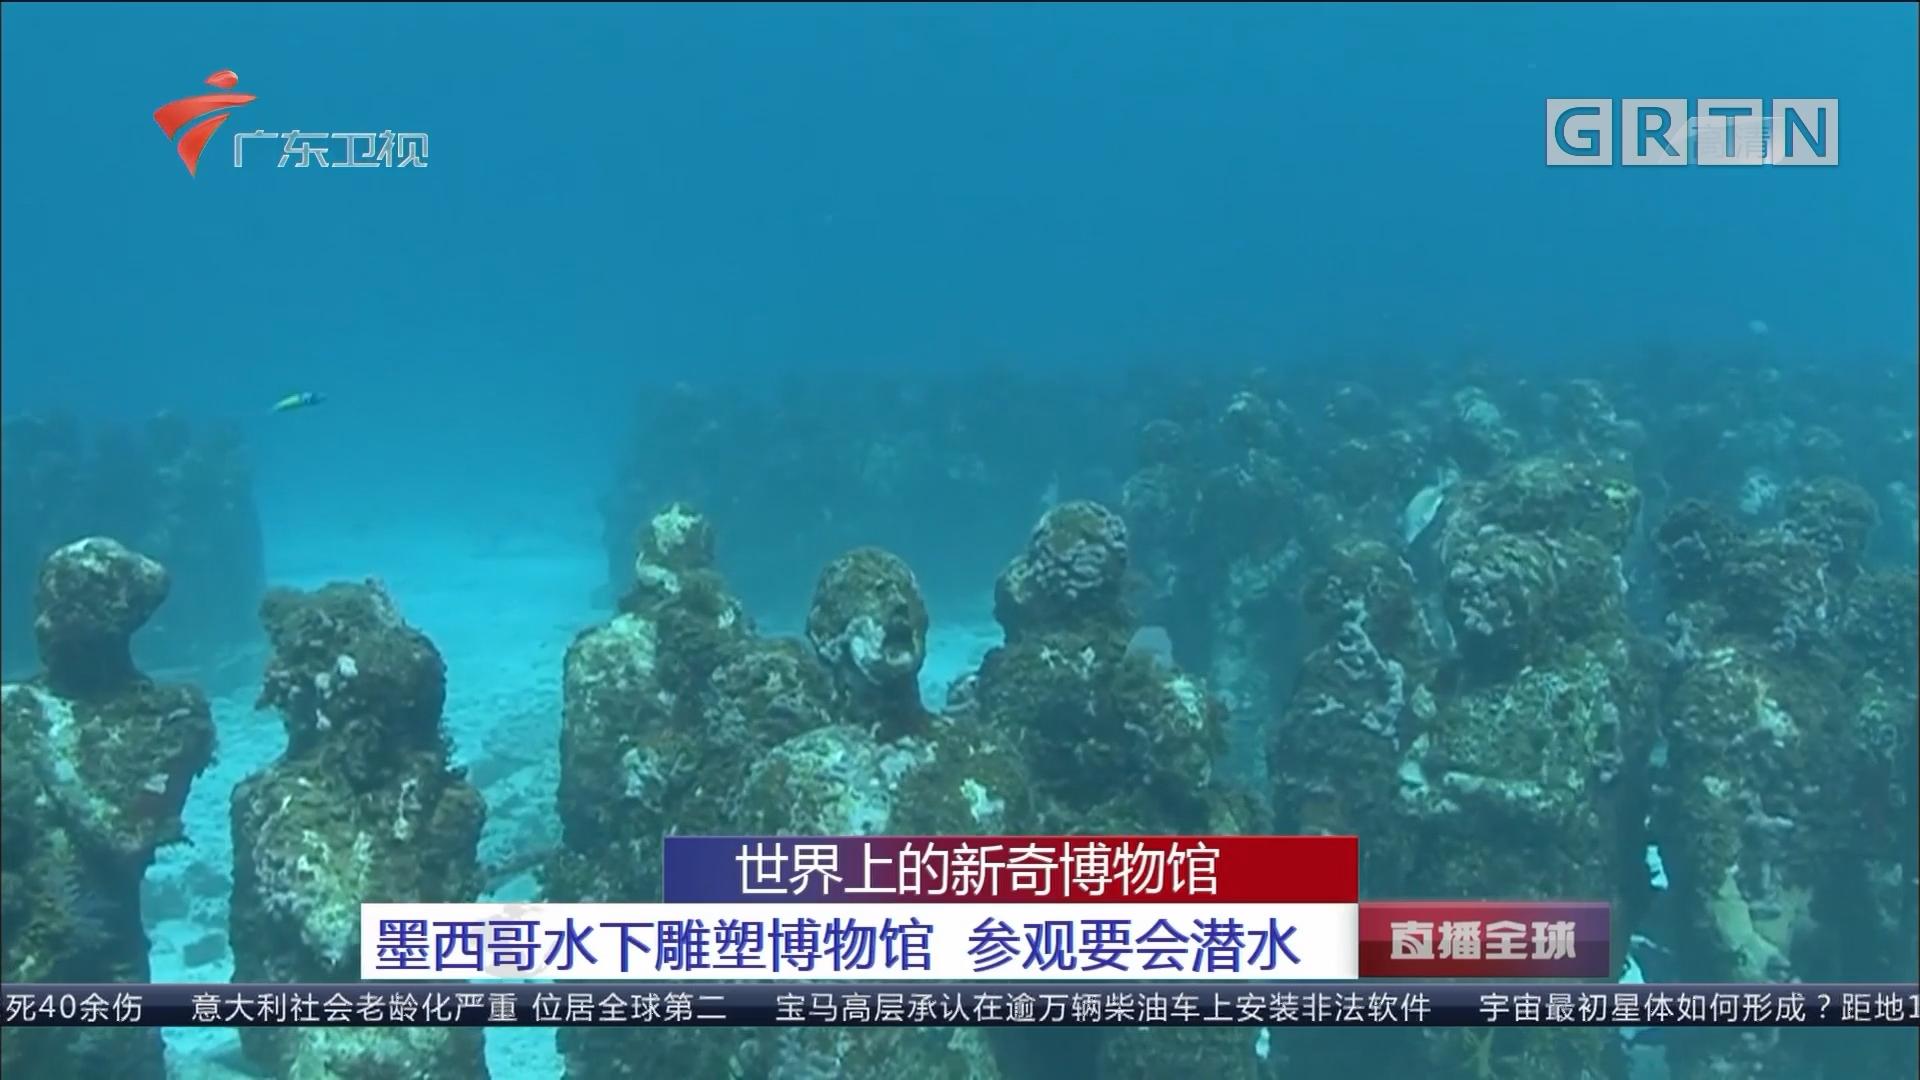 世界上的新奇博物馆:墨西哥水下雕塑博物馆 参观要会潜水